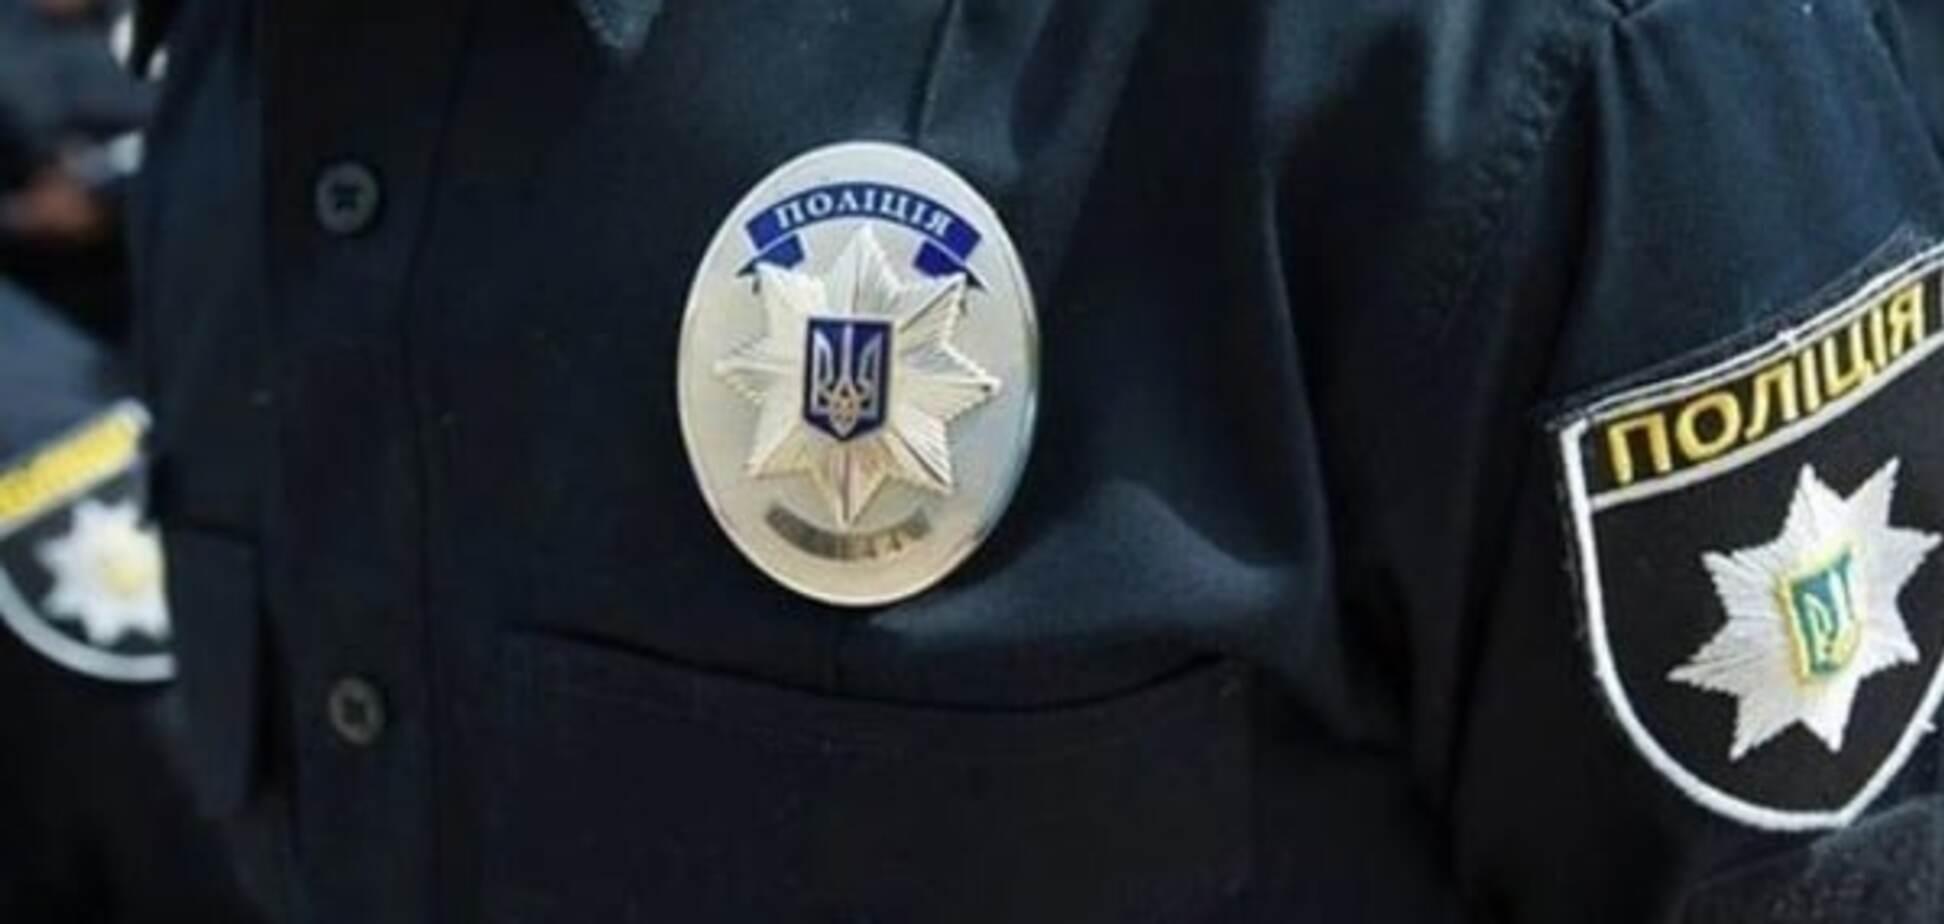 Прокуратура проверяет: львовянин обвинил полицию в жестоком избиении